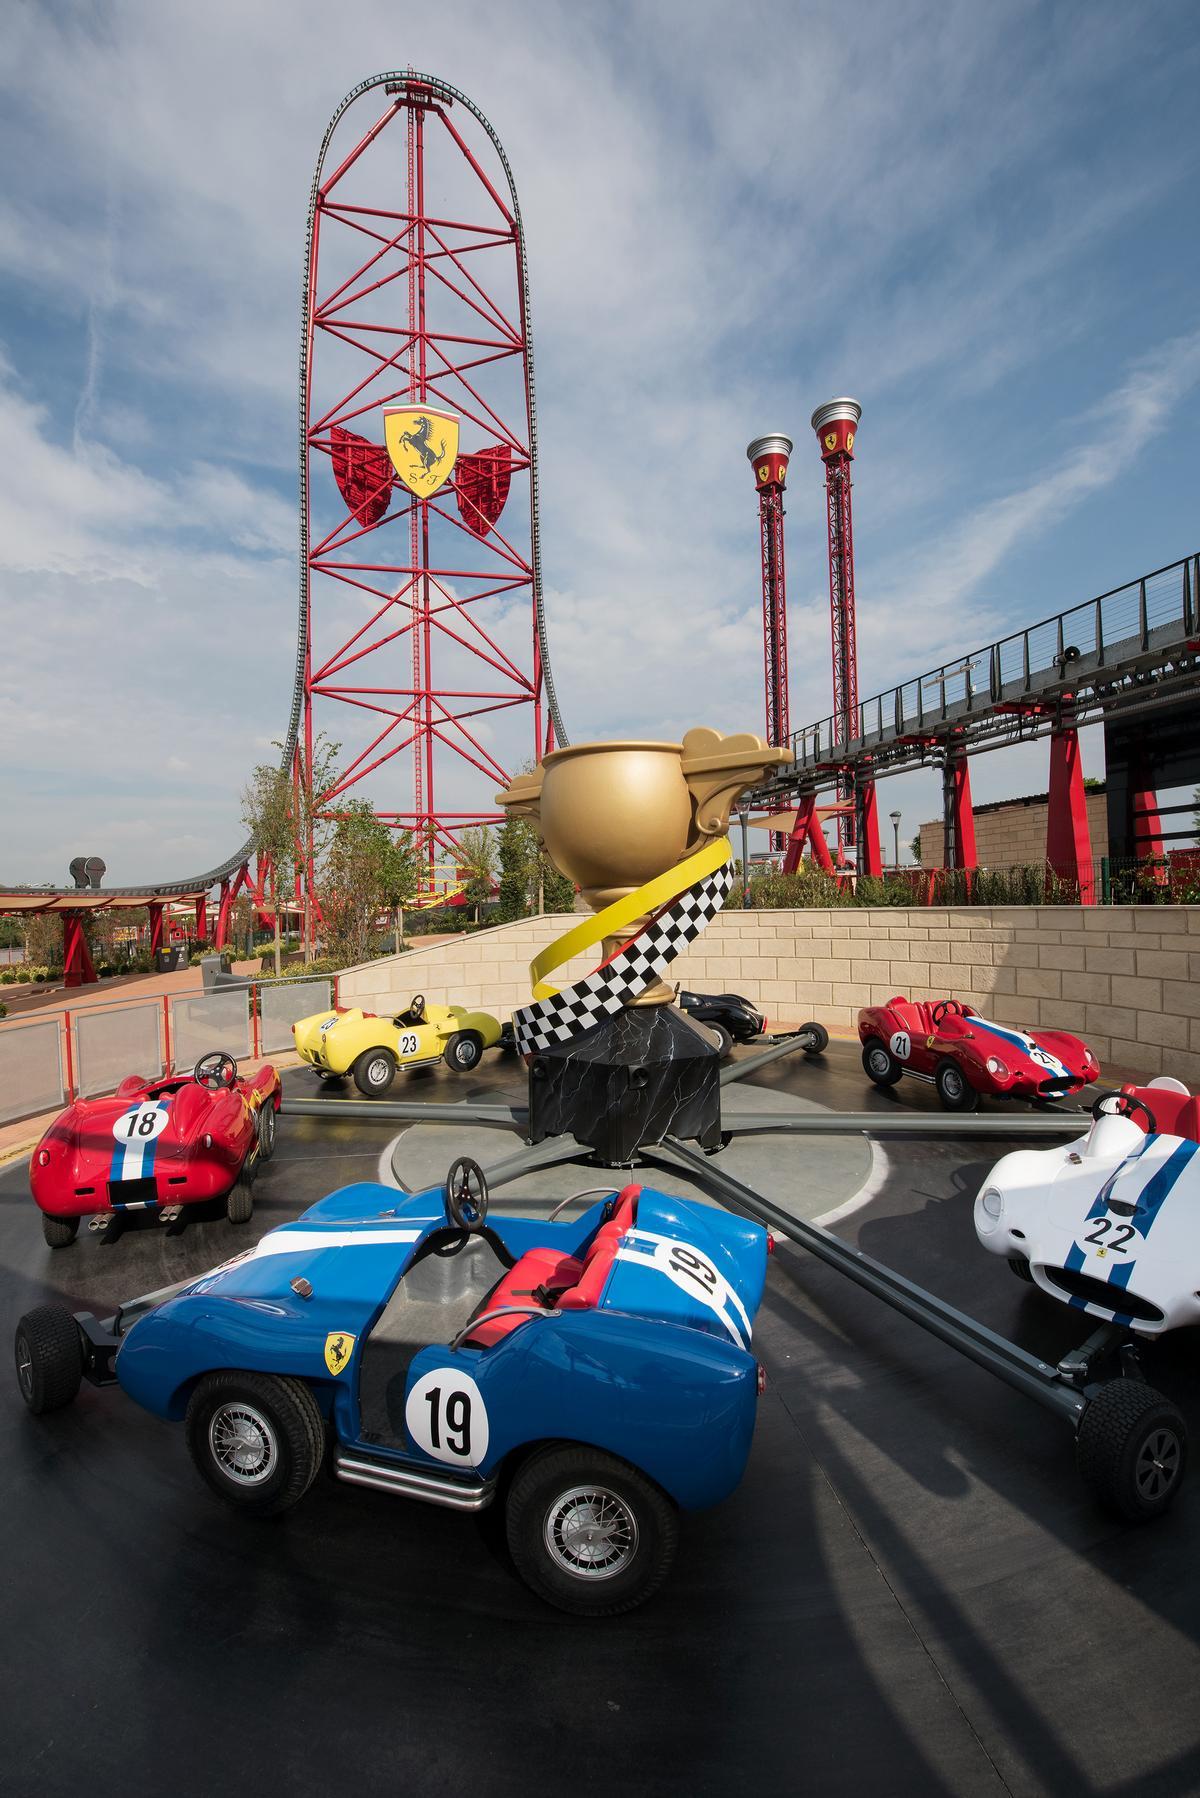 Champions Race allows children to ride replica small versions of the Ferrari 250 Testa Rossa